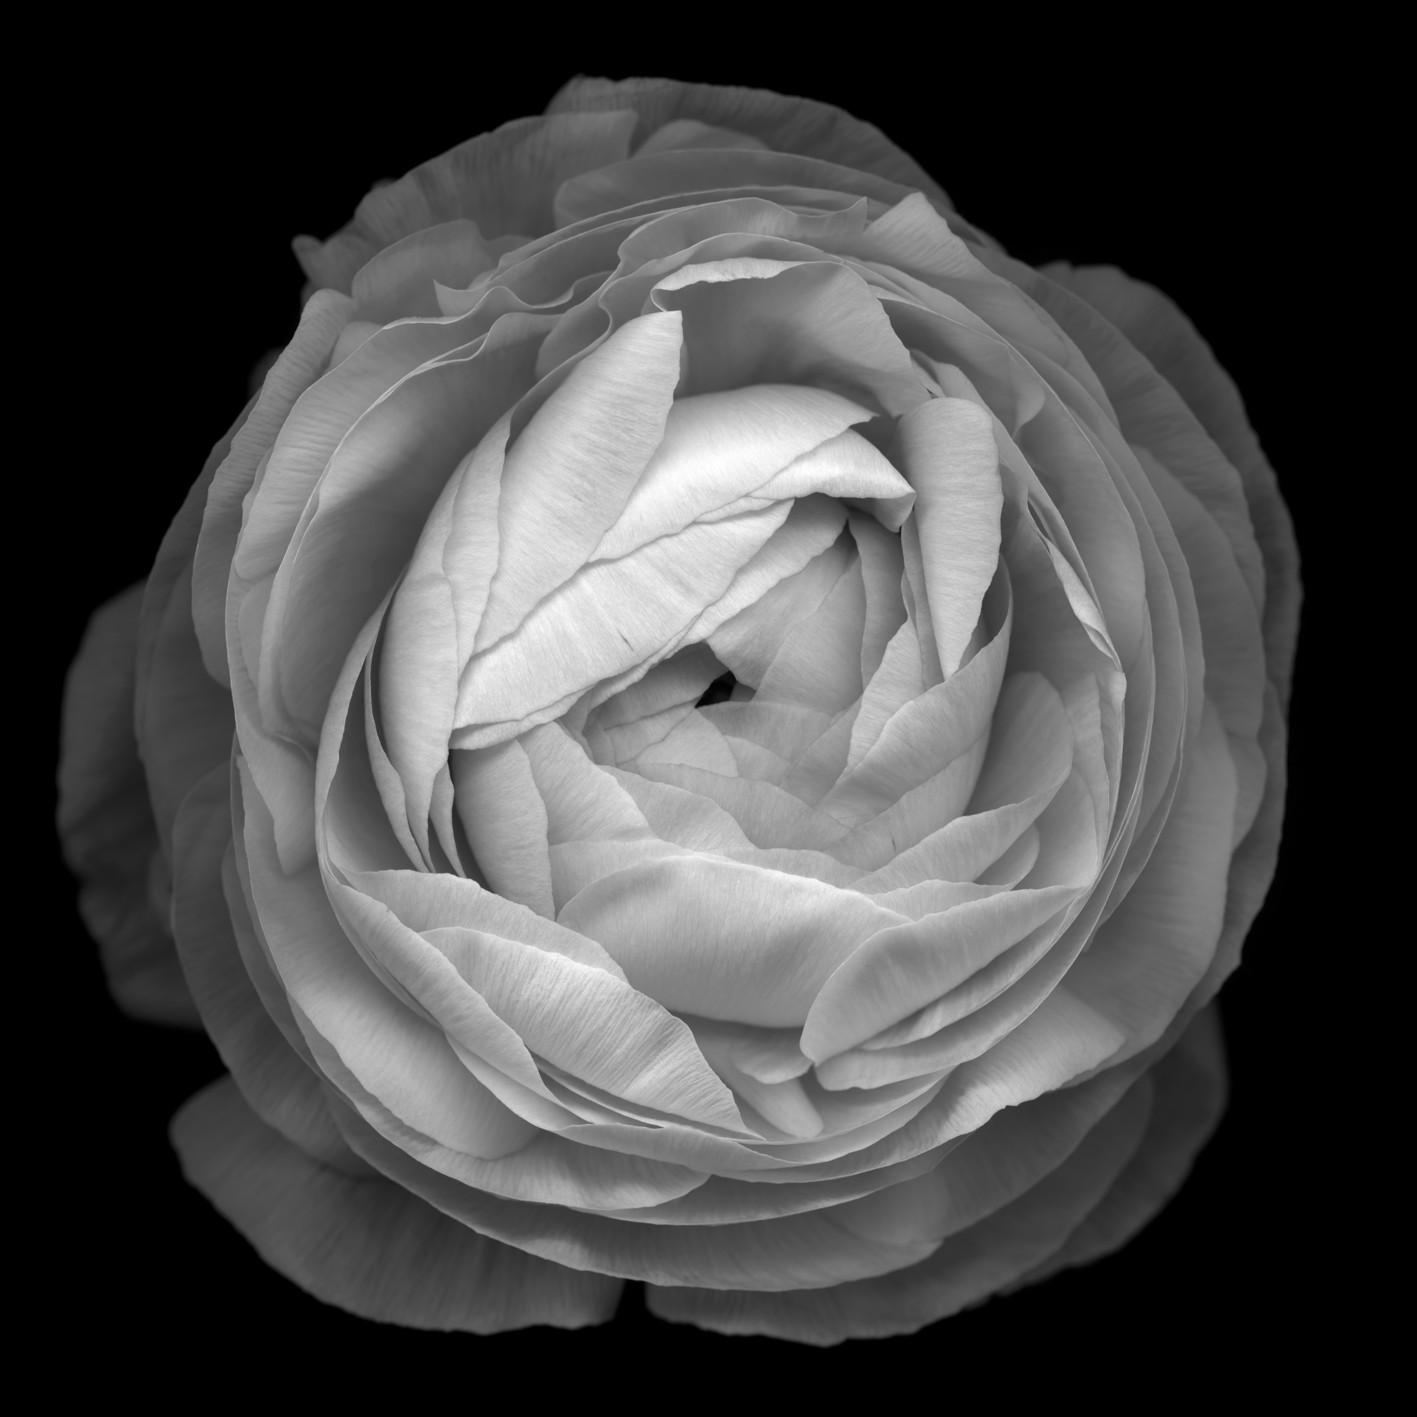 Flower No. 3 , 2011, Photograph, 120 x 120 cm